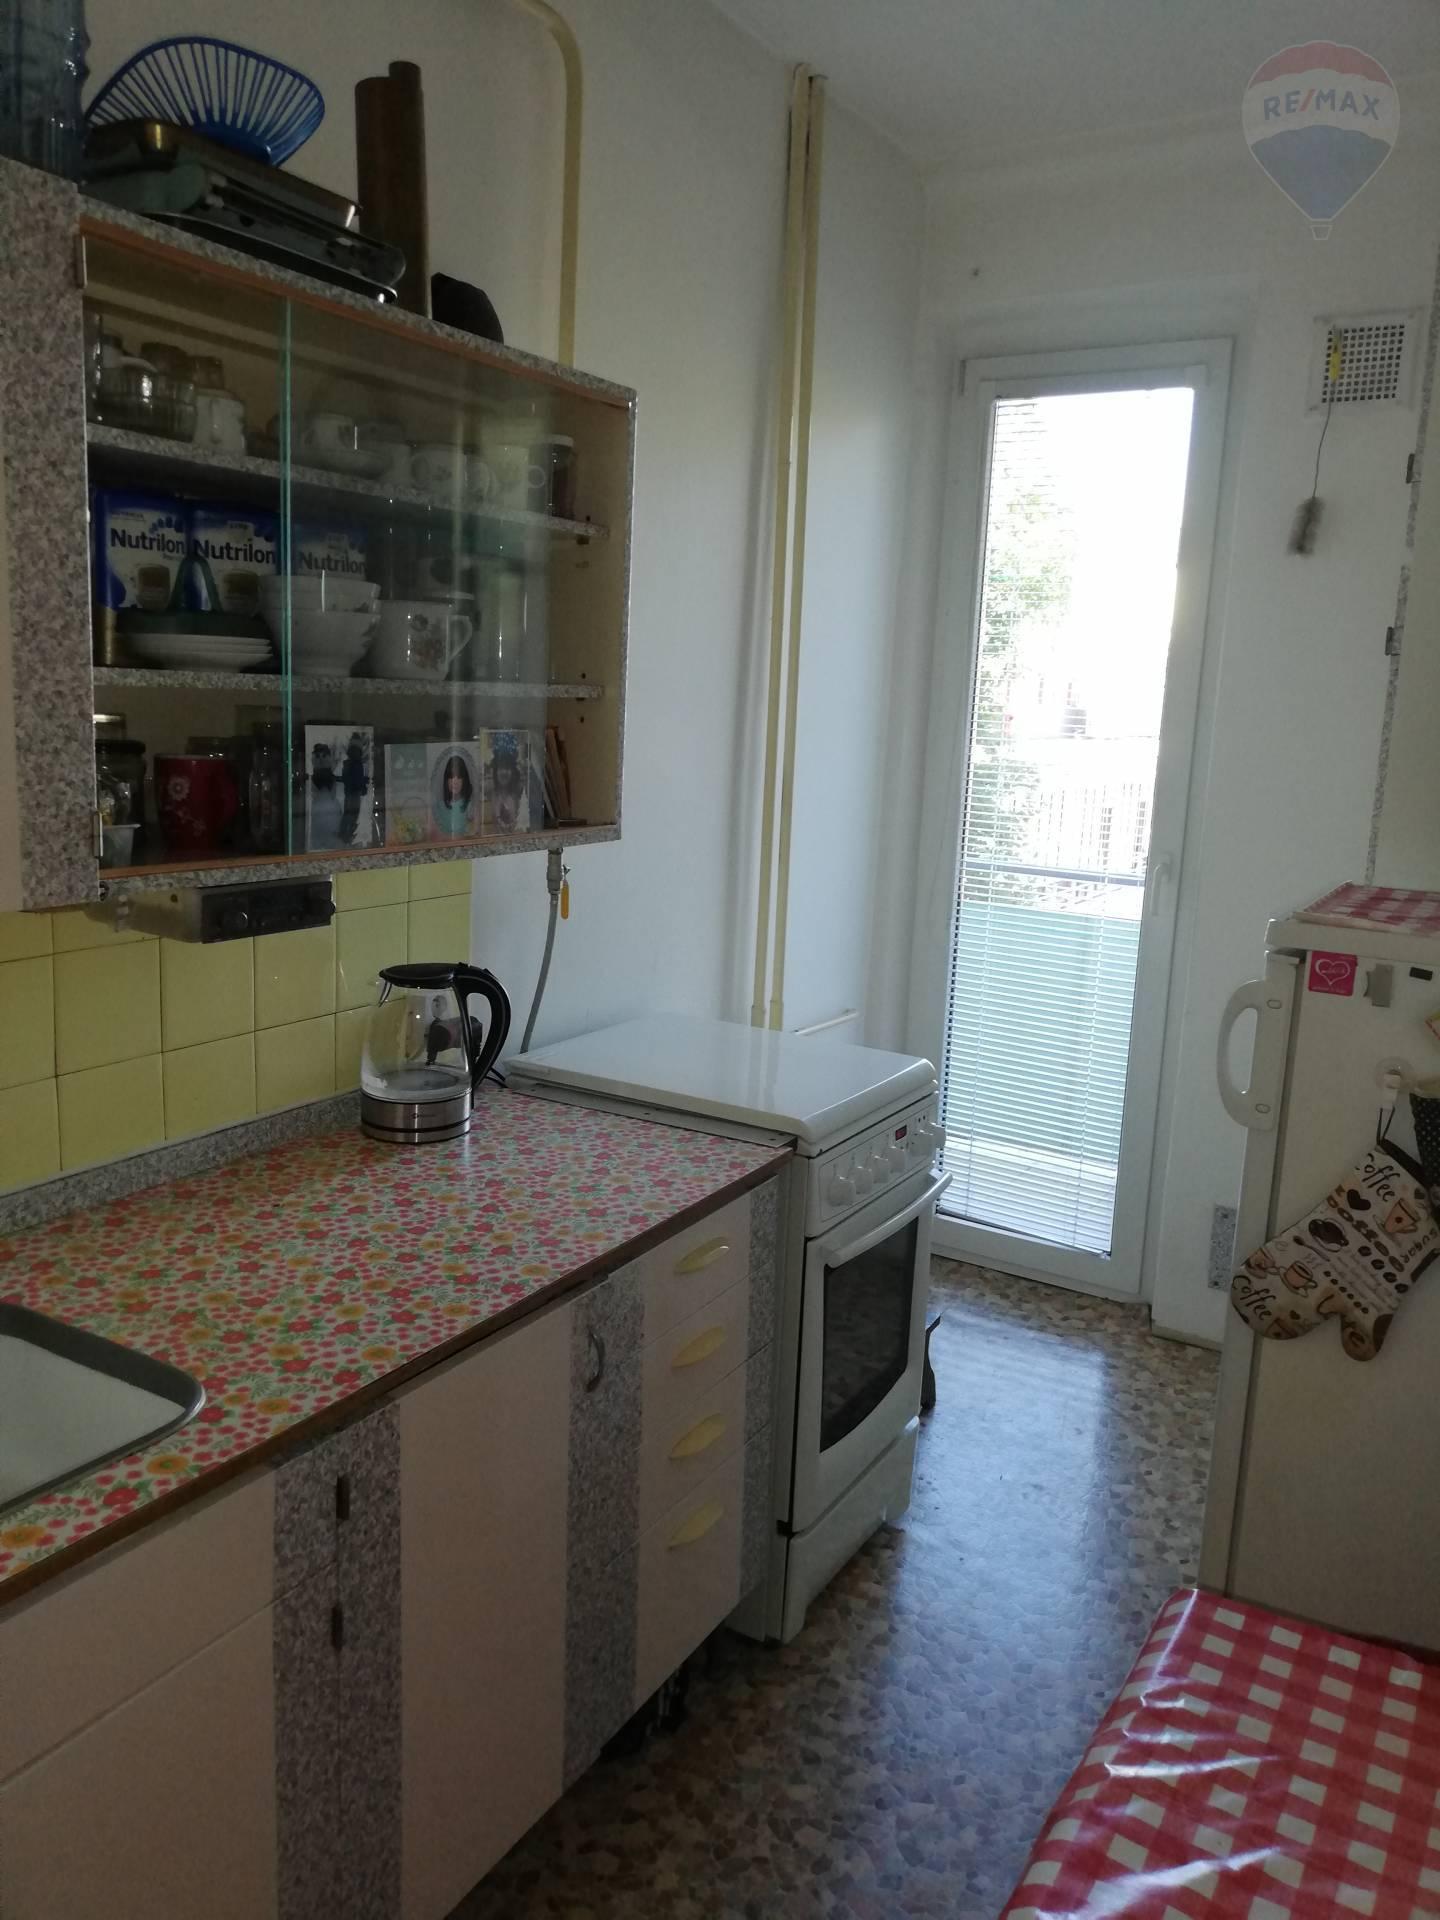 Predaj bytu (3 izbový) 75 m2, Bratislava - Ružinov - 3izbový byt kuchyňa